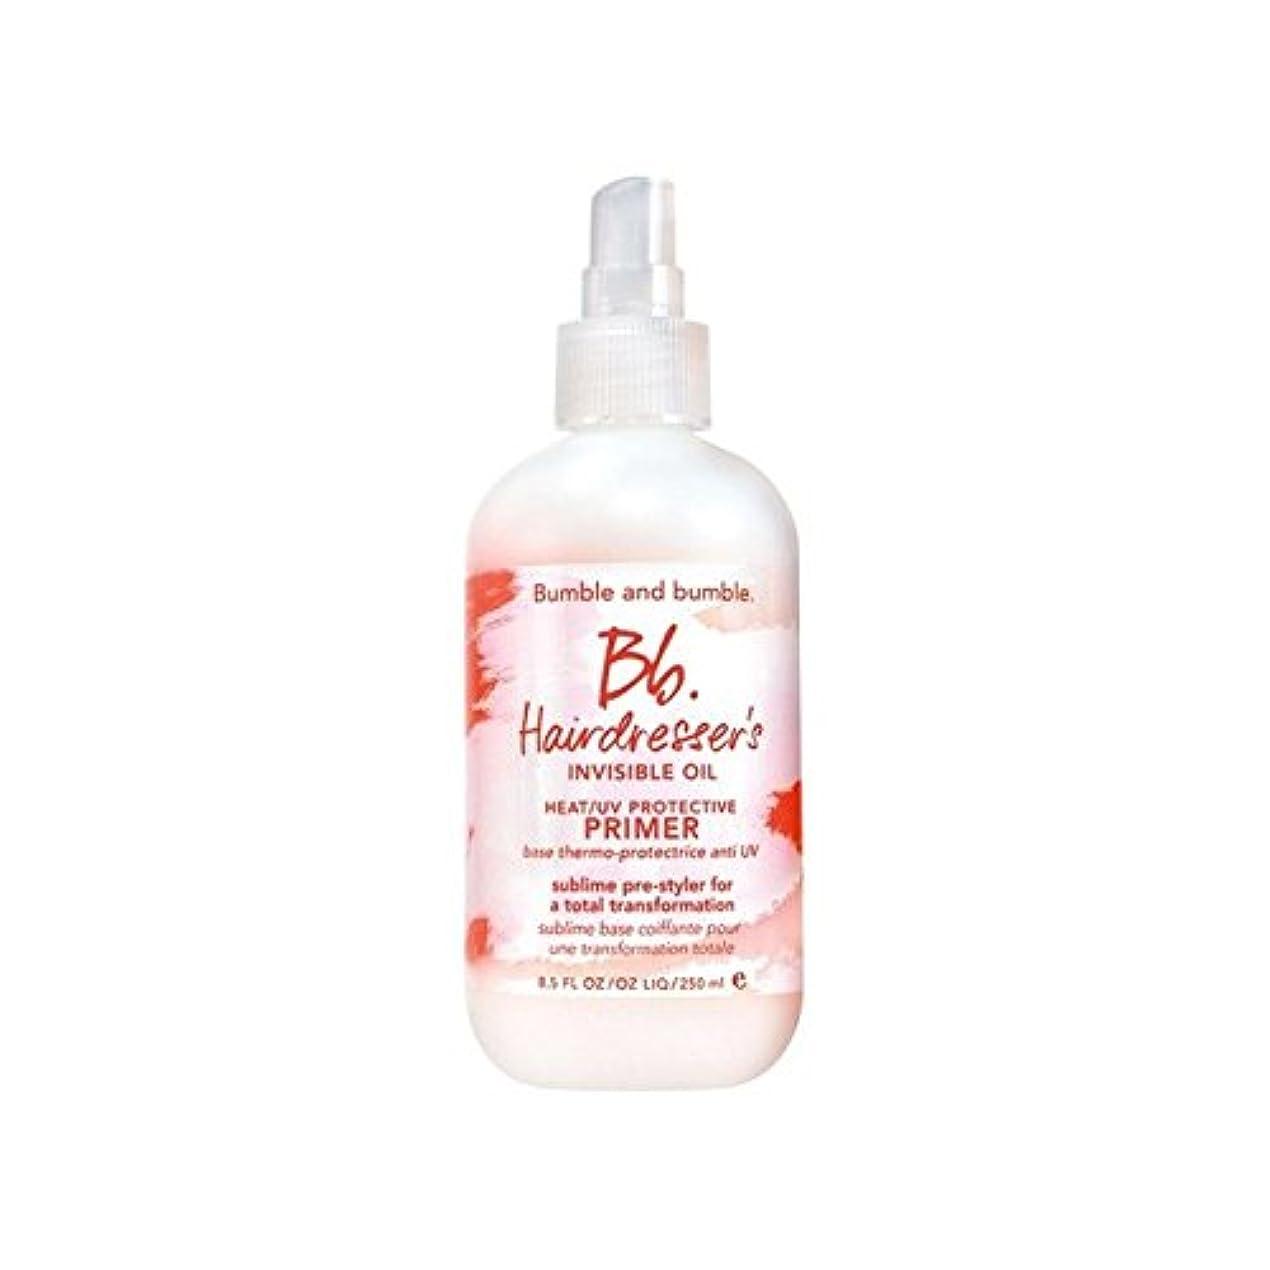 コミュニティあなたは奨学金Bumble & Bumble Hairdressers Invisible Oil Heat/Uv Protective Primer (250ml) - 美容見えないオイル熱/保護プライマー(250ミリリットル) [...